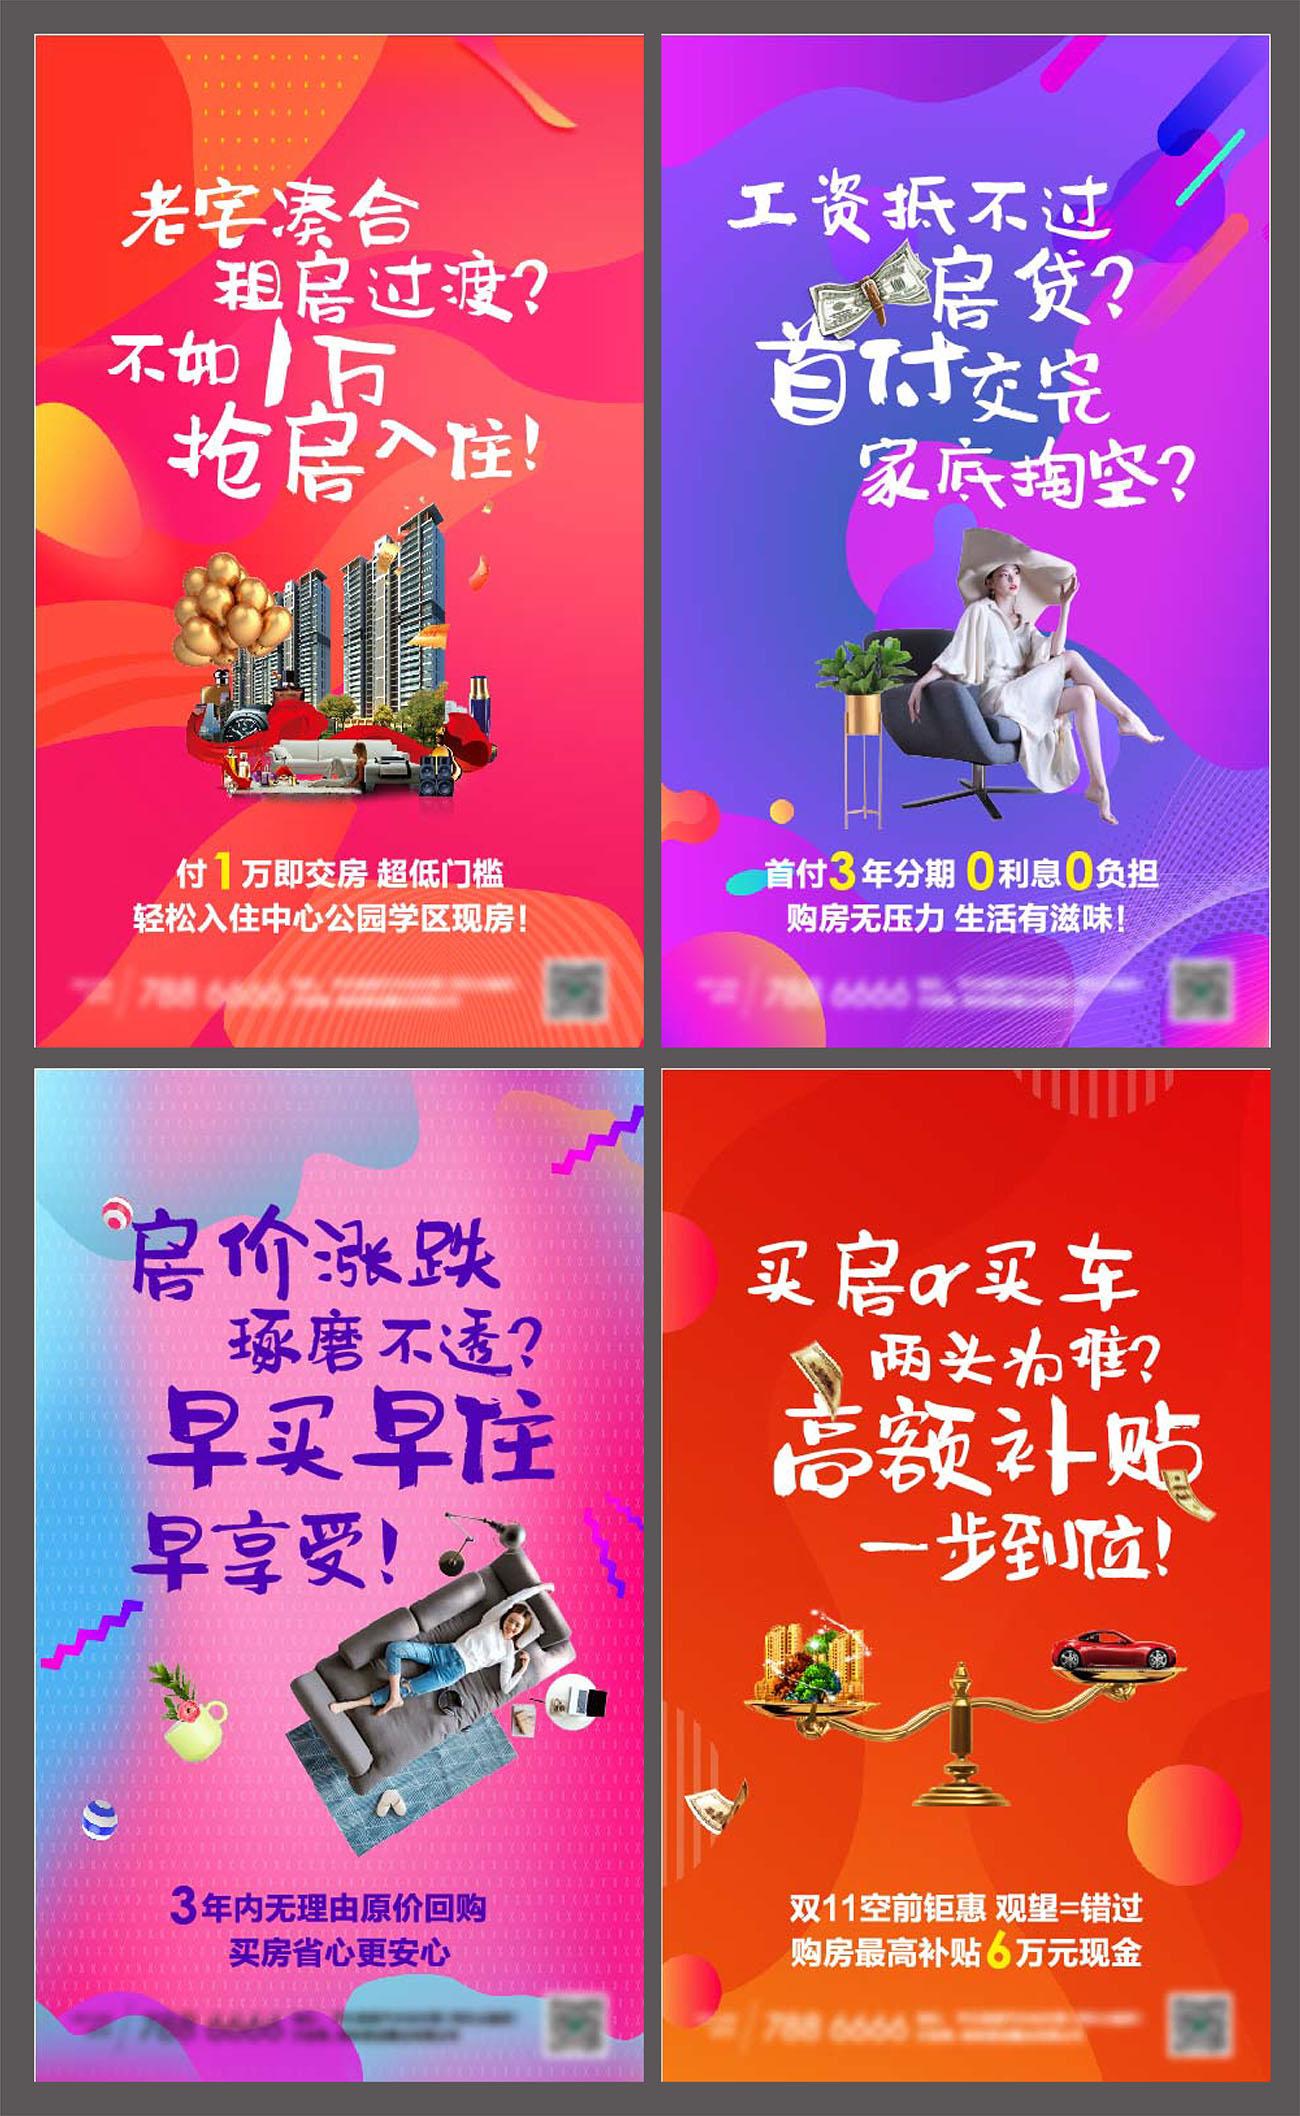 房地产促销折扣活动海报AI源文件插图